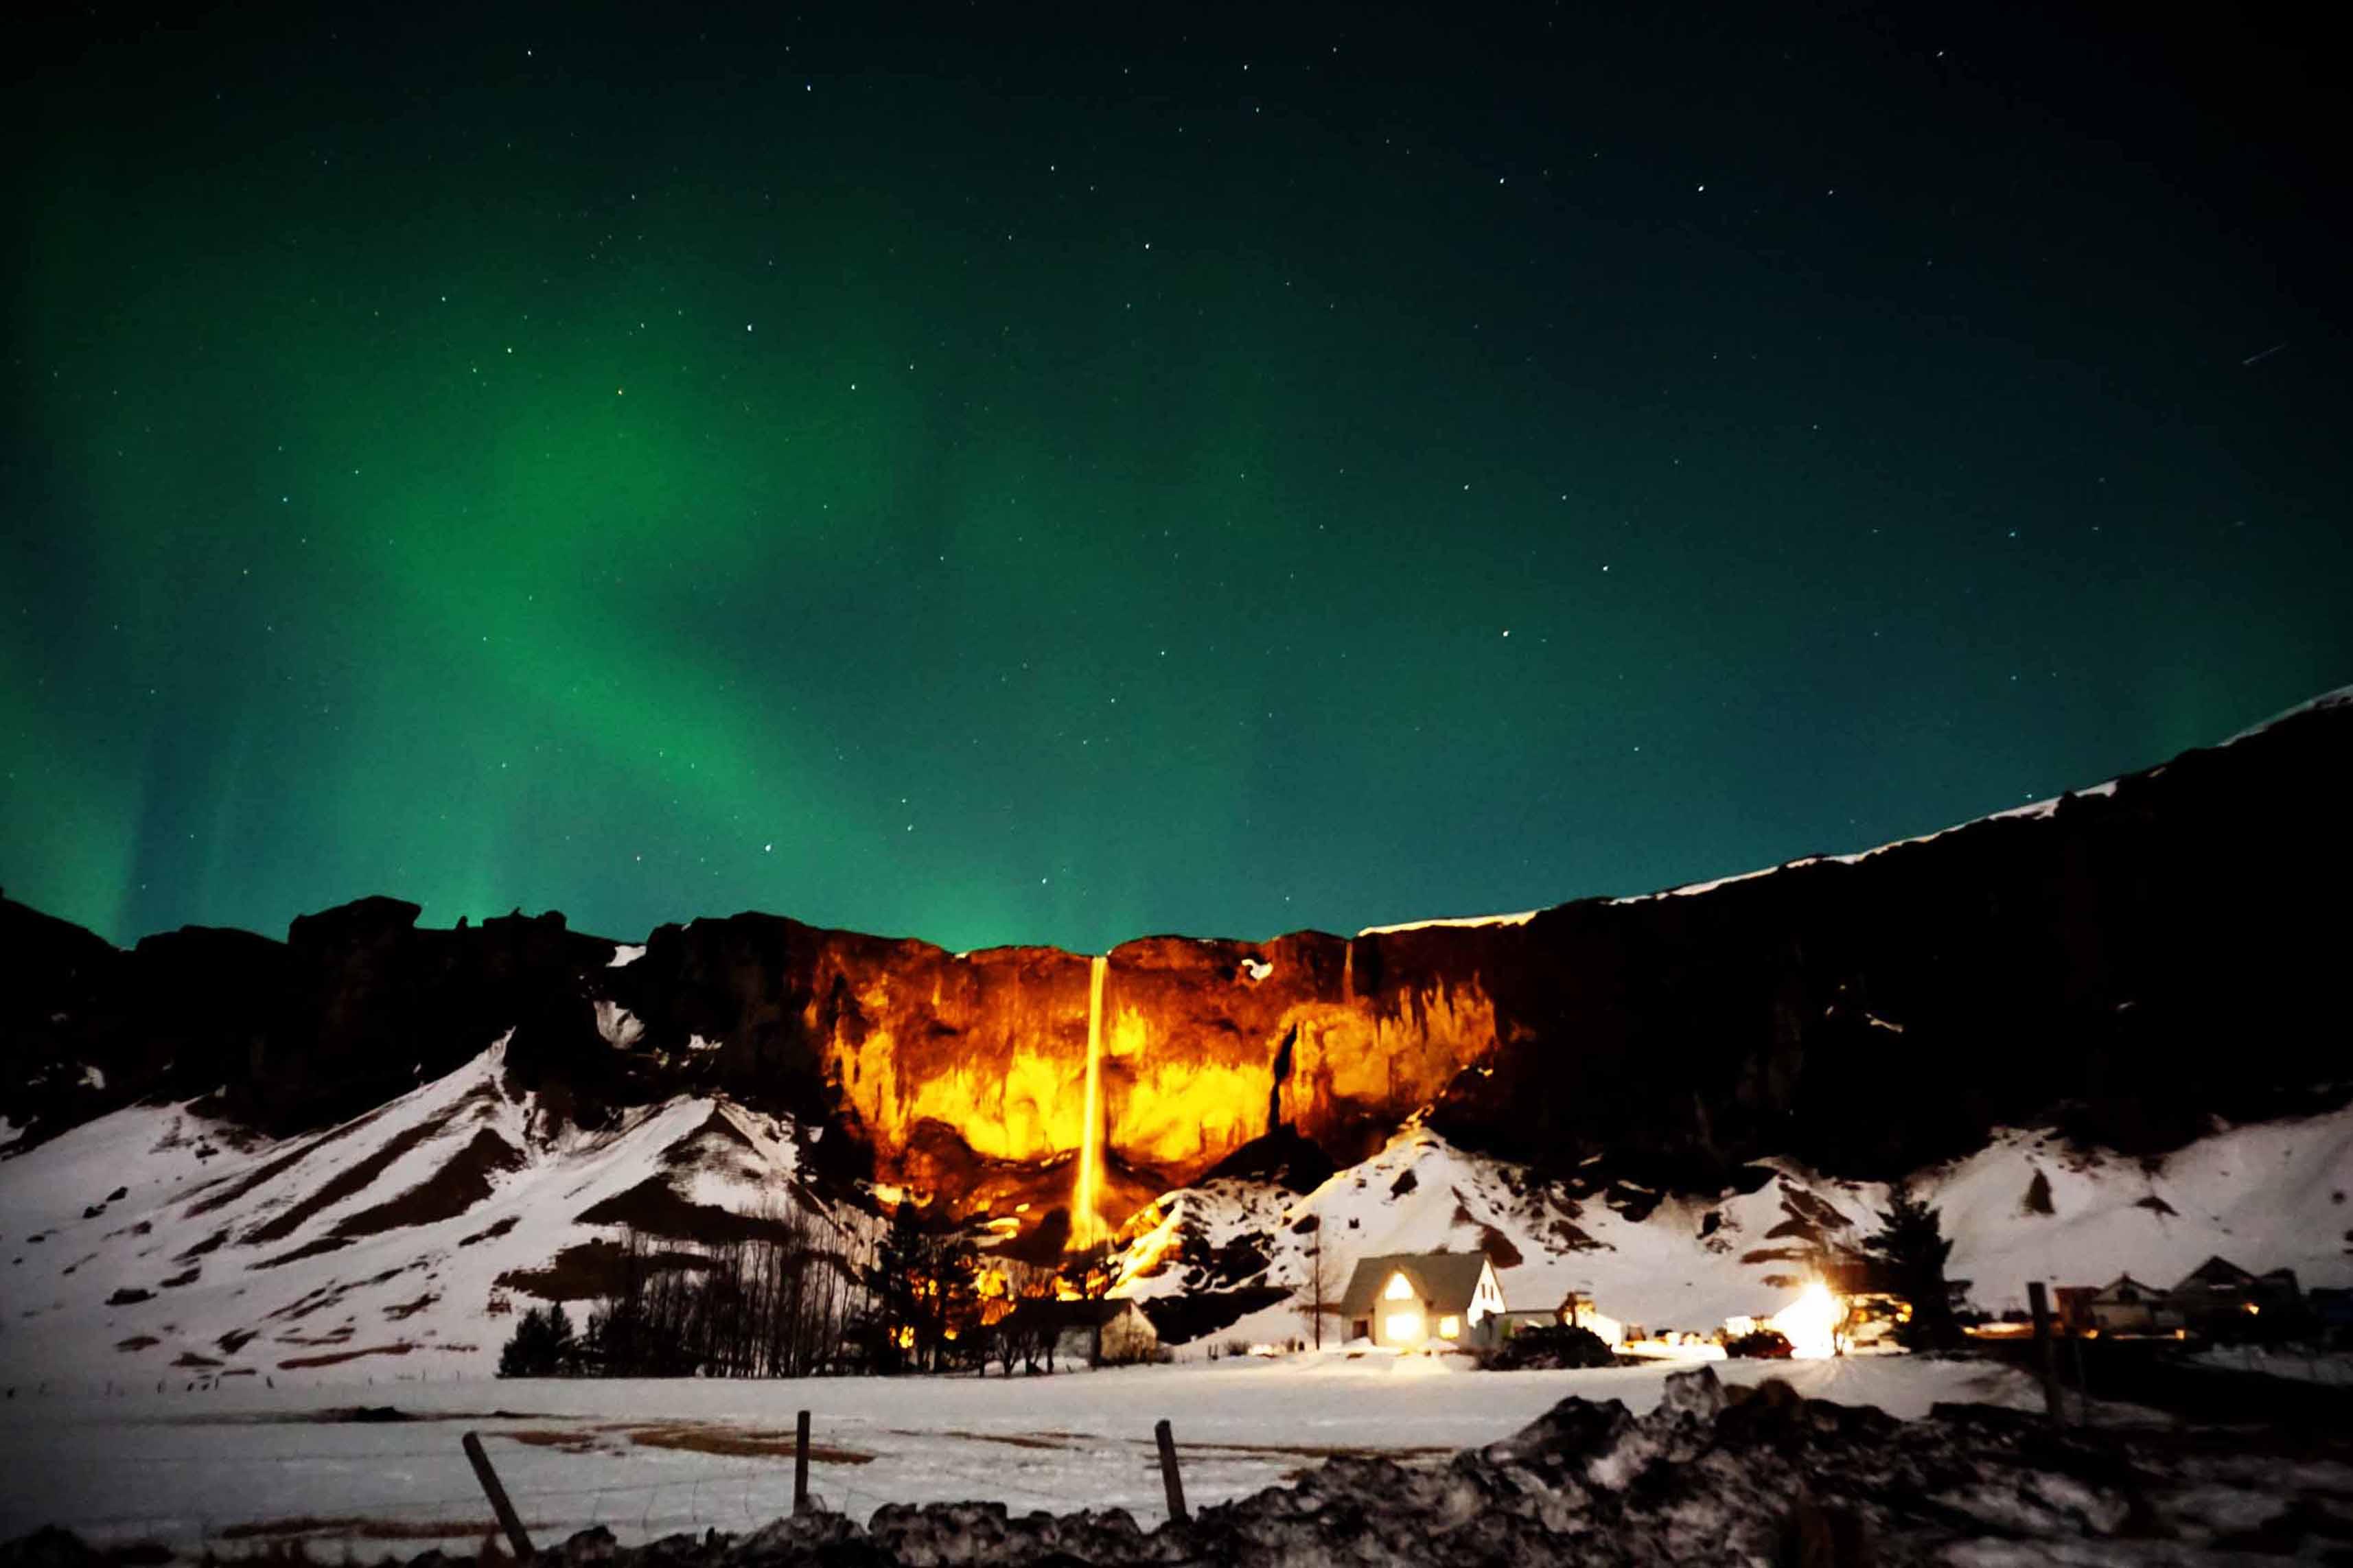 Northern Lights over the Foss á Síðu waterfall in Iceland